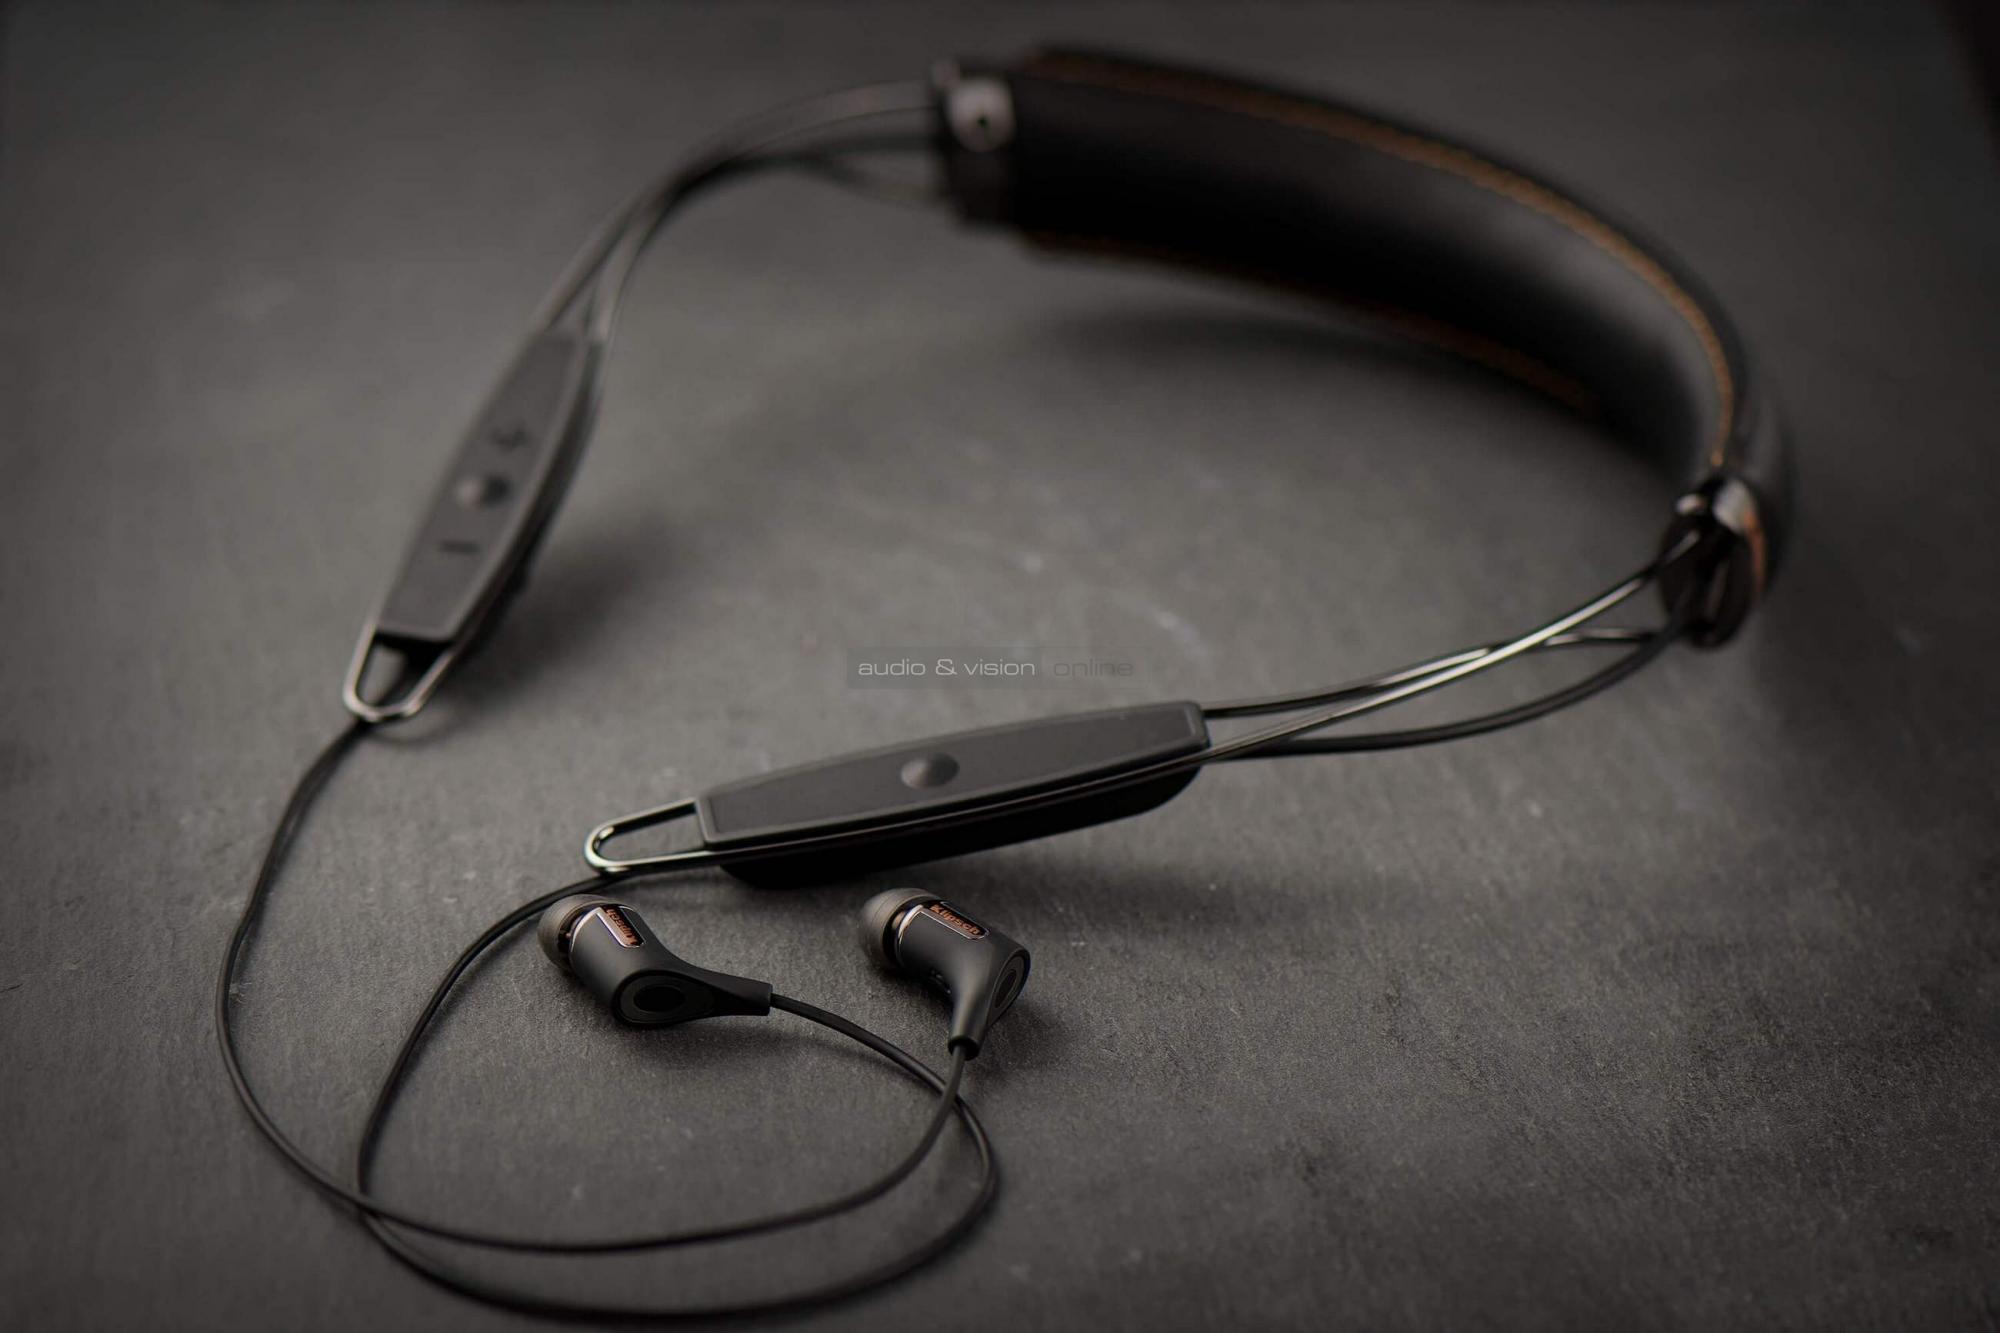 Klipsch R6 Neckband Bluetooth fülhallgató teszt  3714deb0a7